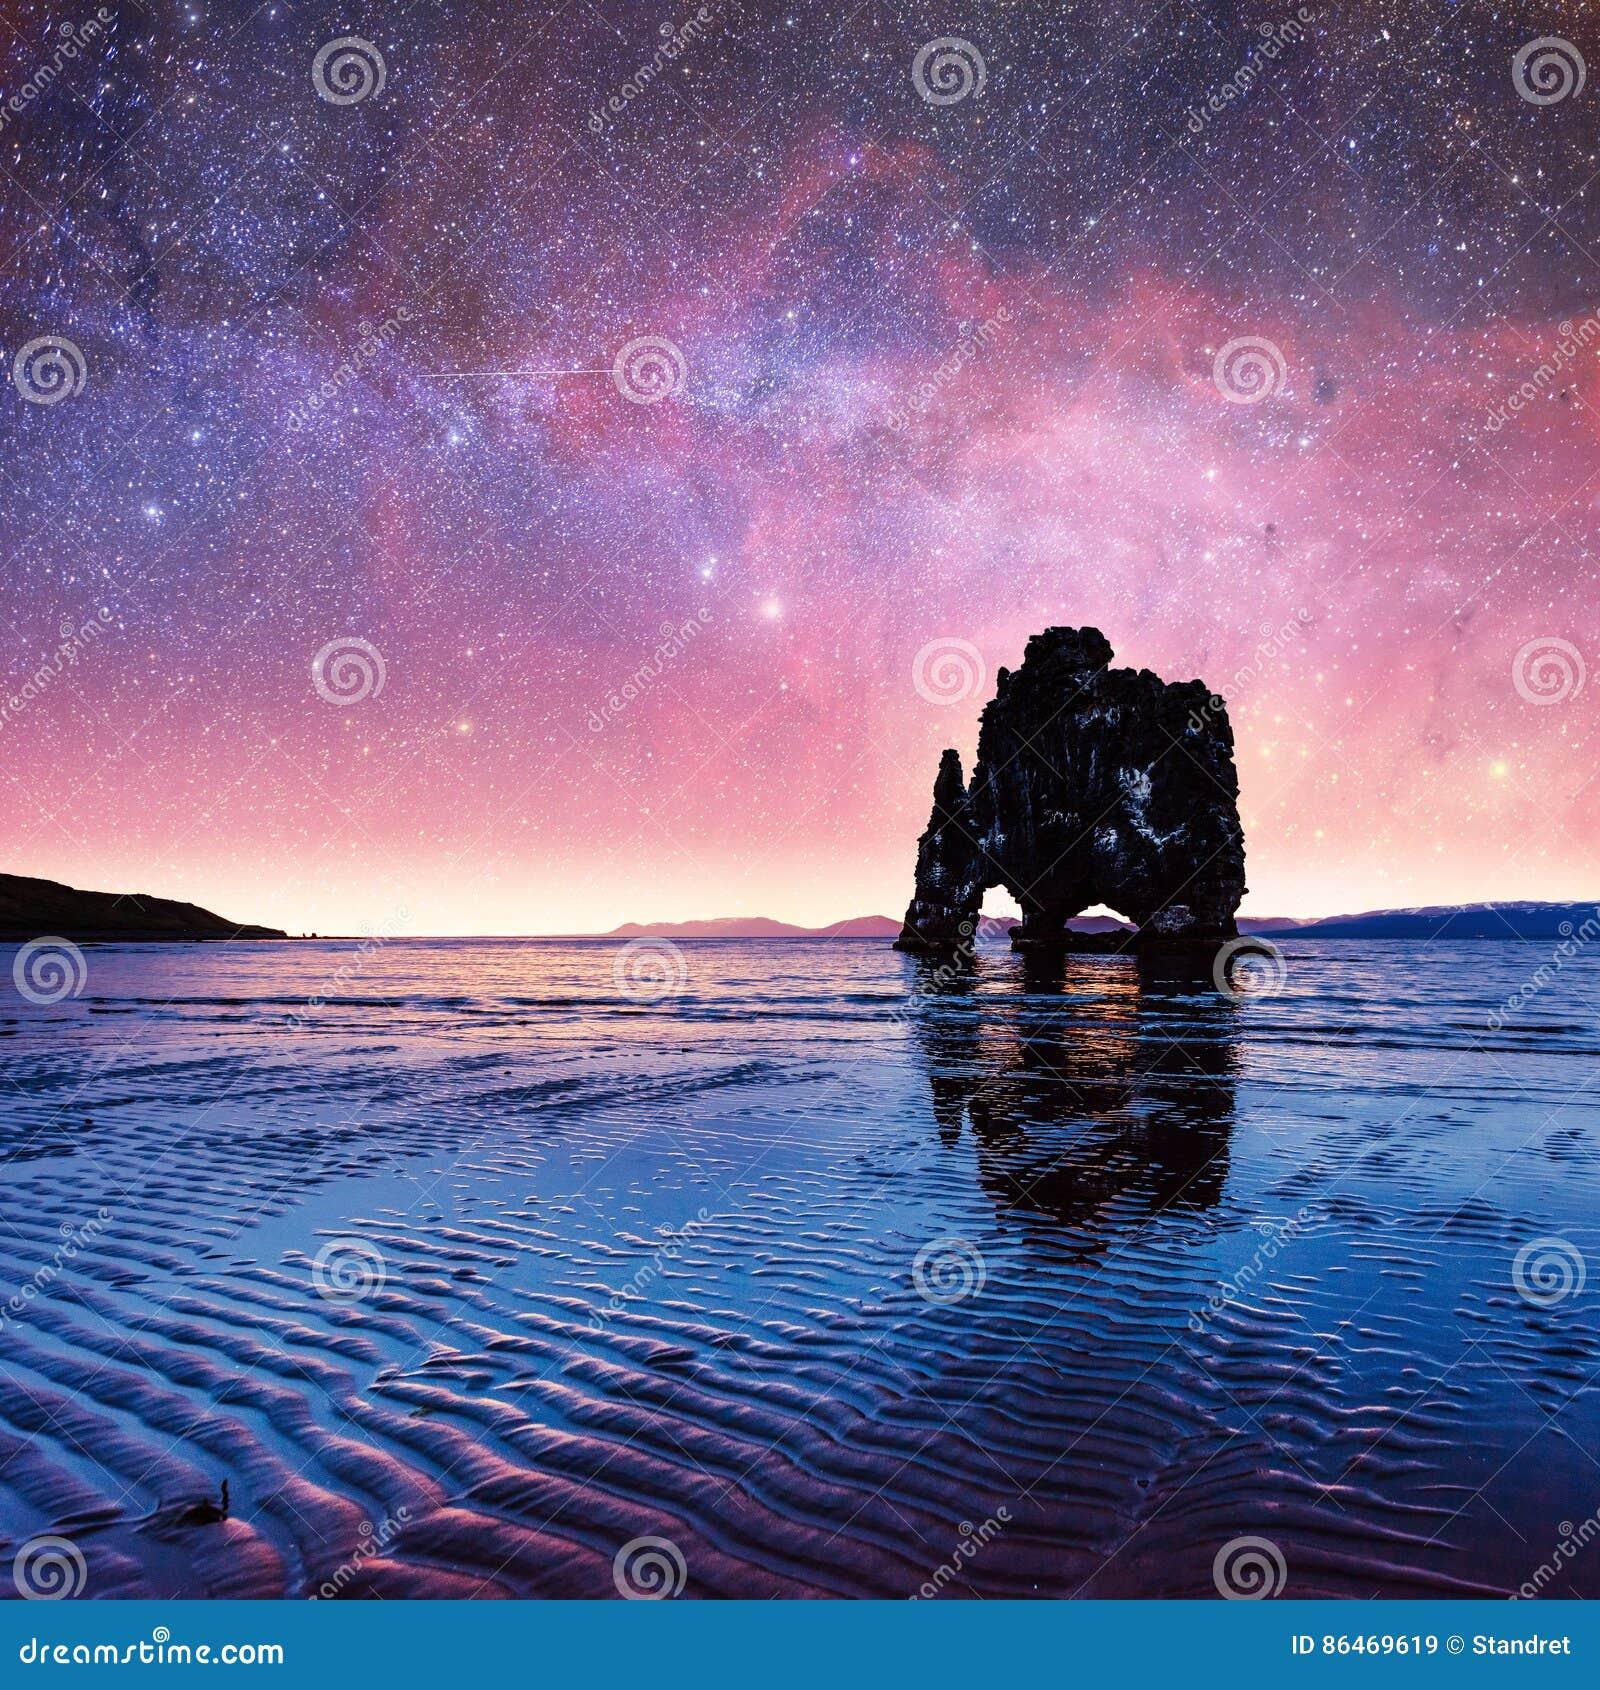 Hvitserkur высота 15 m Фантастическое звёздное небо и млечный путь o